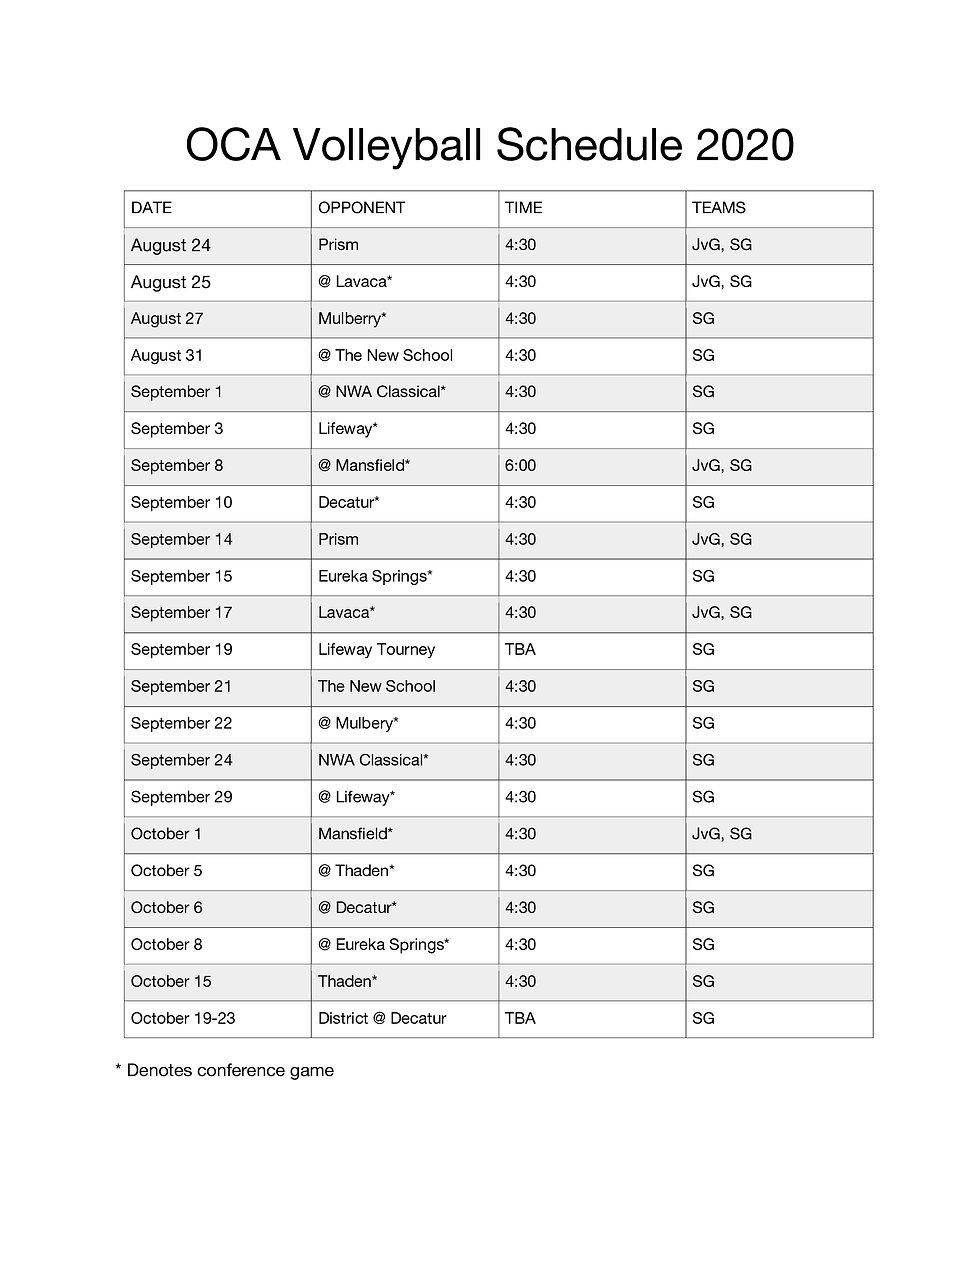 Volleyball-schedule-2020.jpg